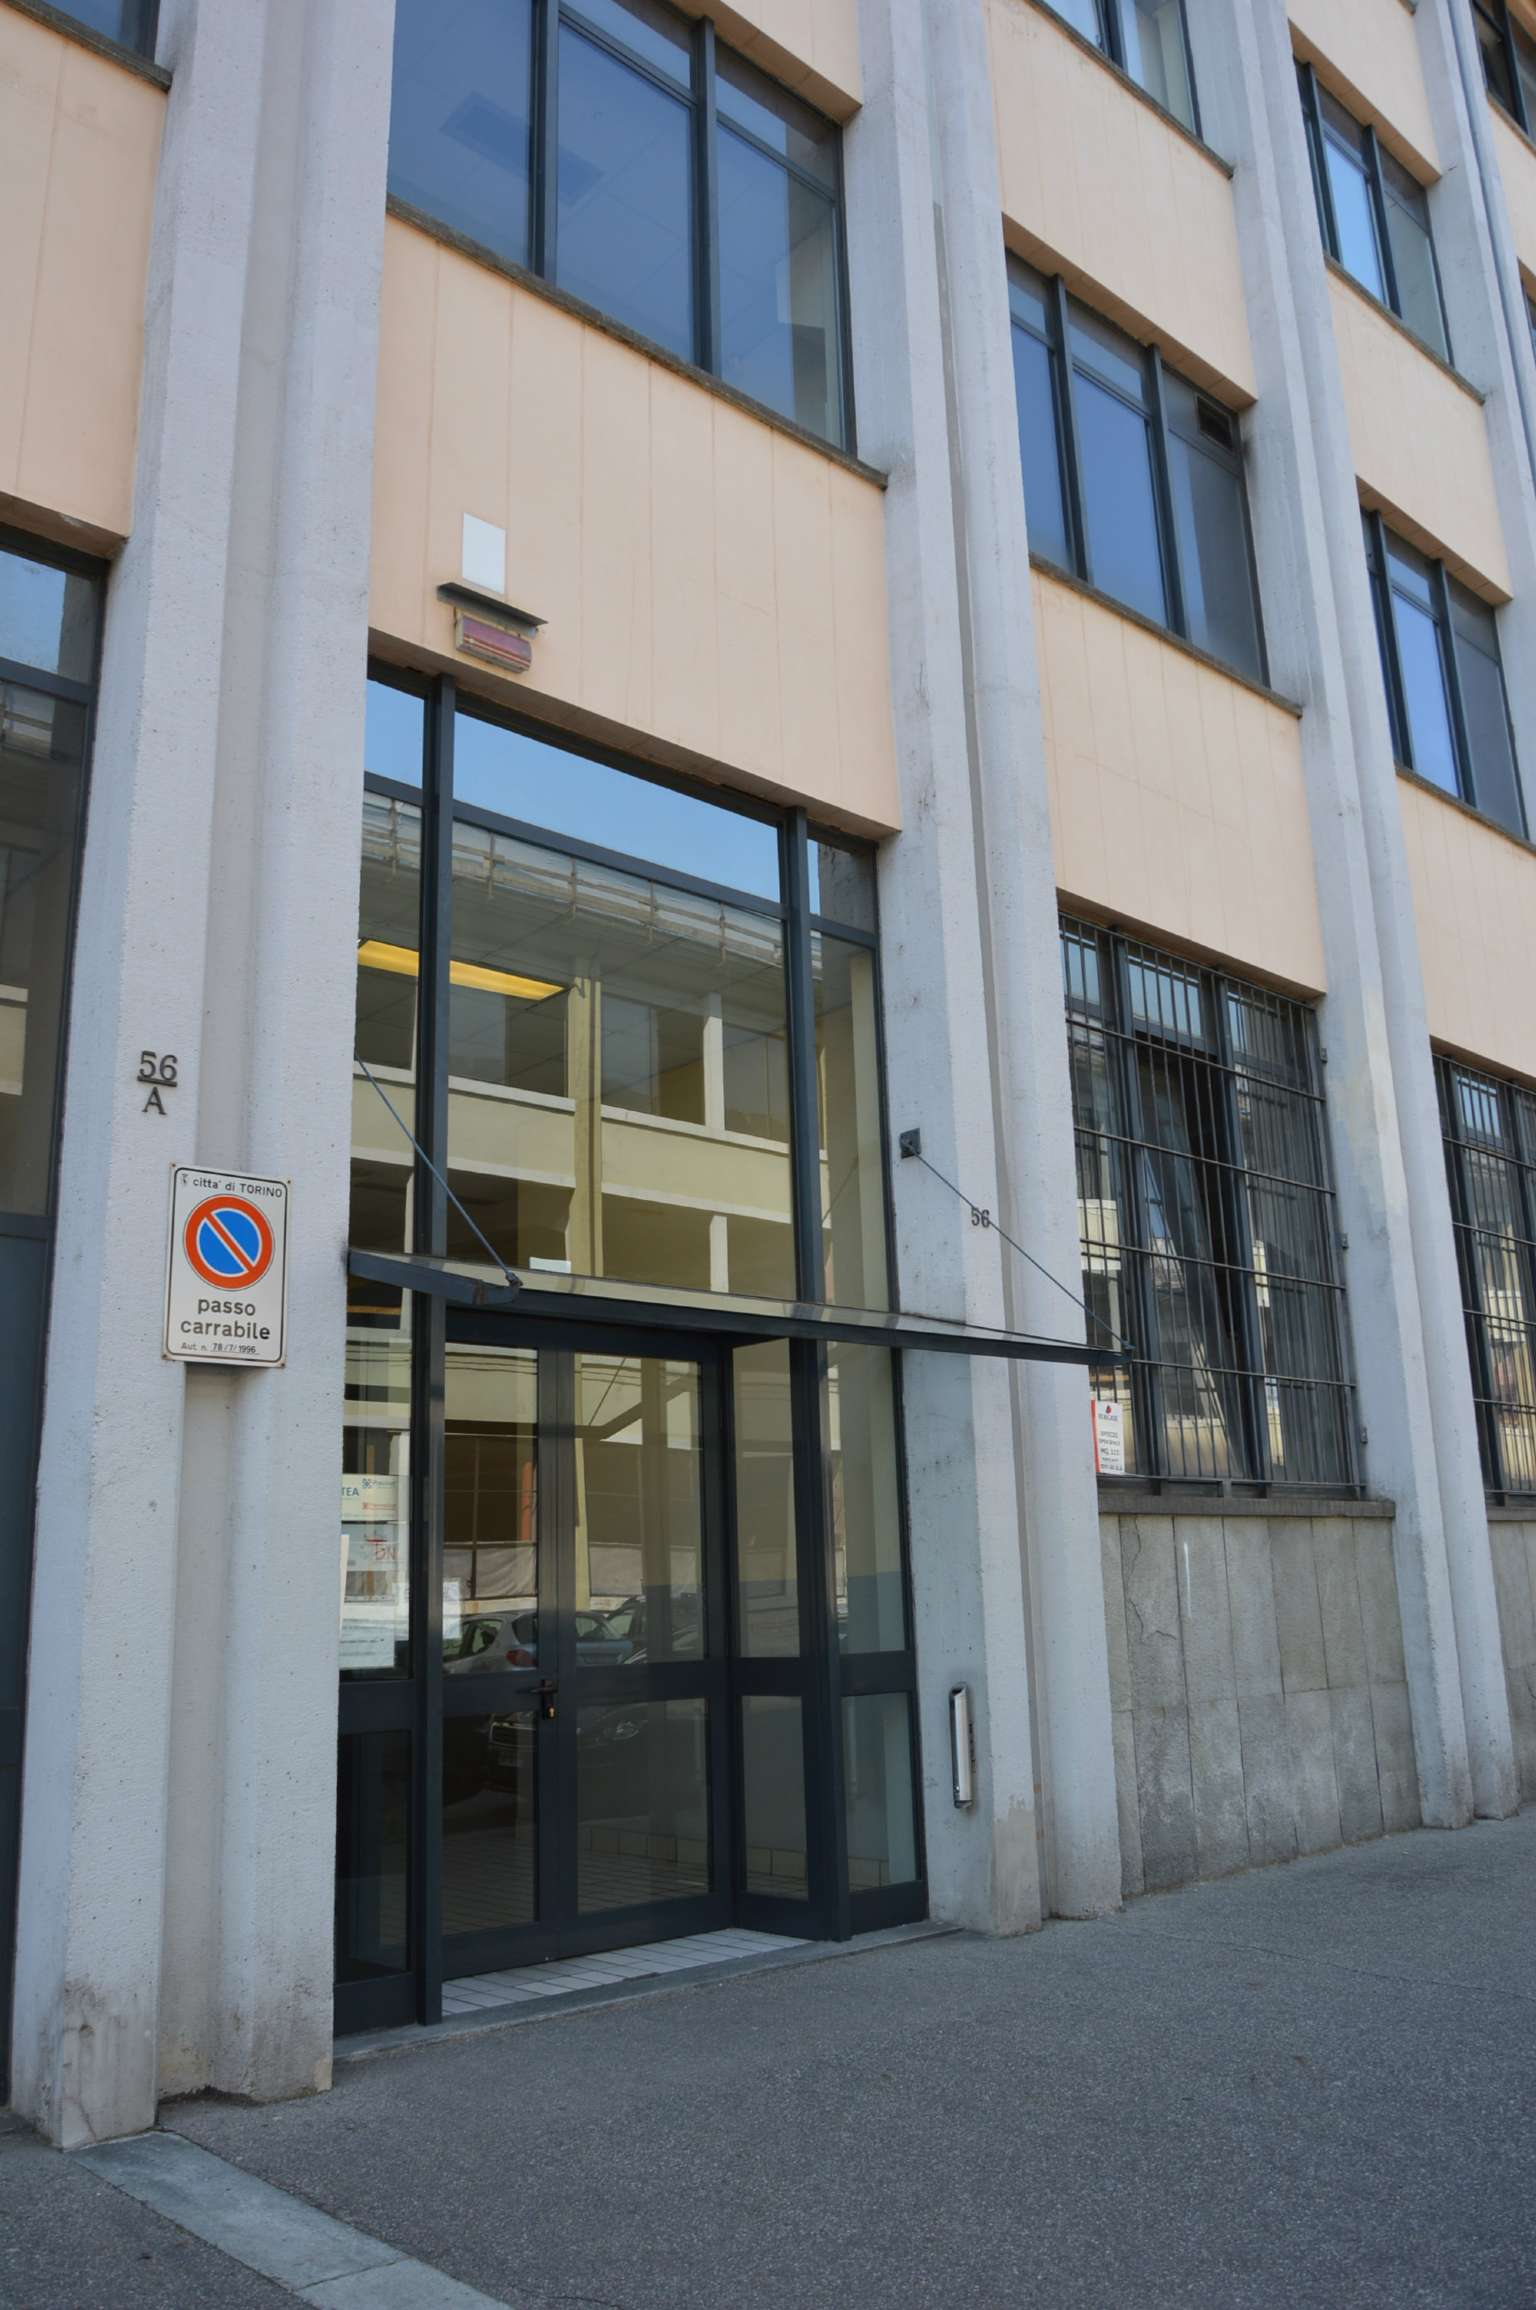 Ufficio / Studio in affitto a Torino, 4 locali, zona Barca-Bertolla, Falchera, Barriera Milano, Corso Regio Parco, Rebaudengo, prezzo € 1.000   PortaleAgenzieImmobiliari.it